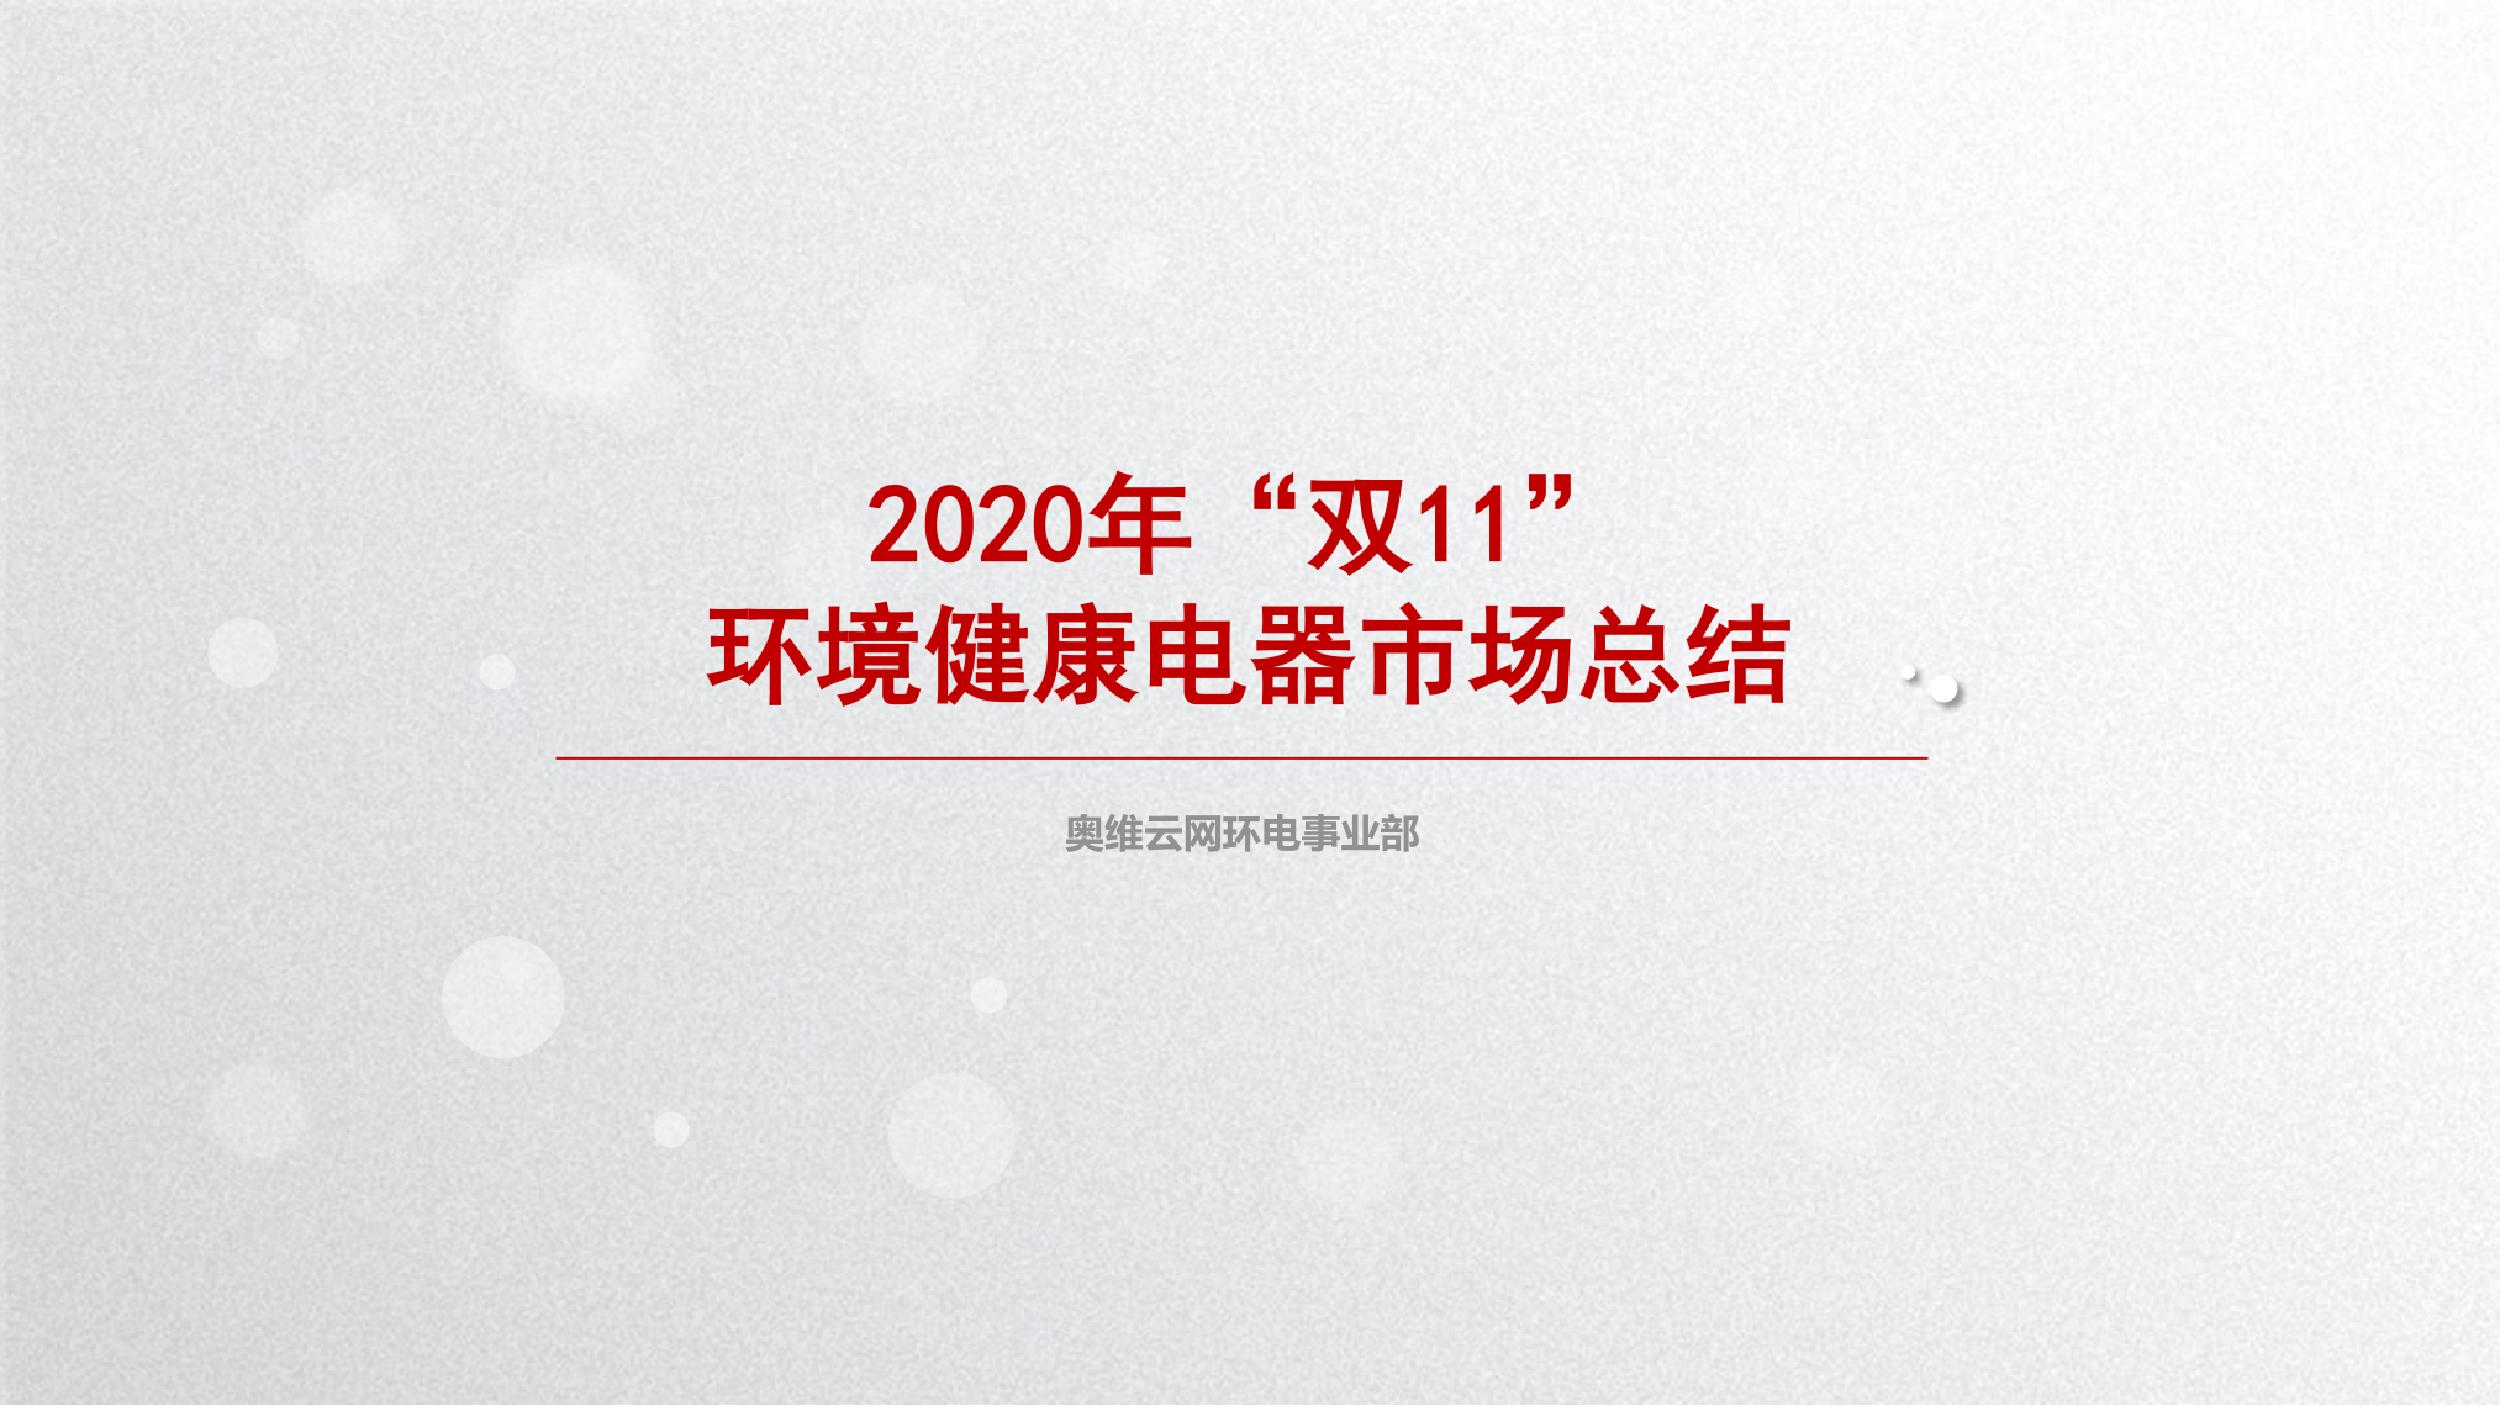 【奥维云网】2020年双十一环境健康电器市场总结